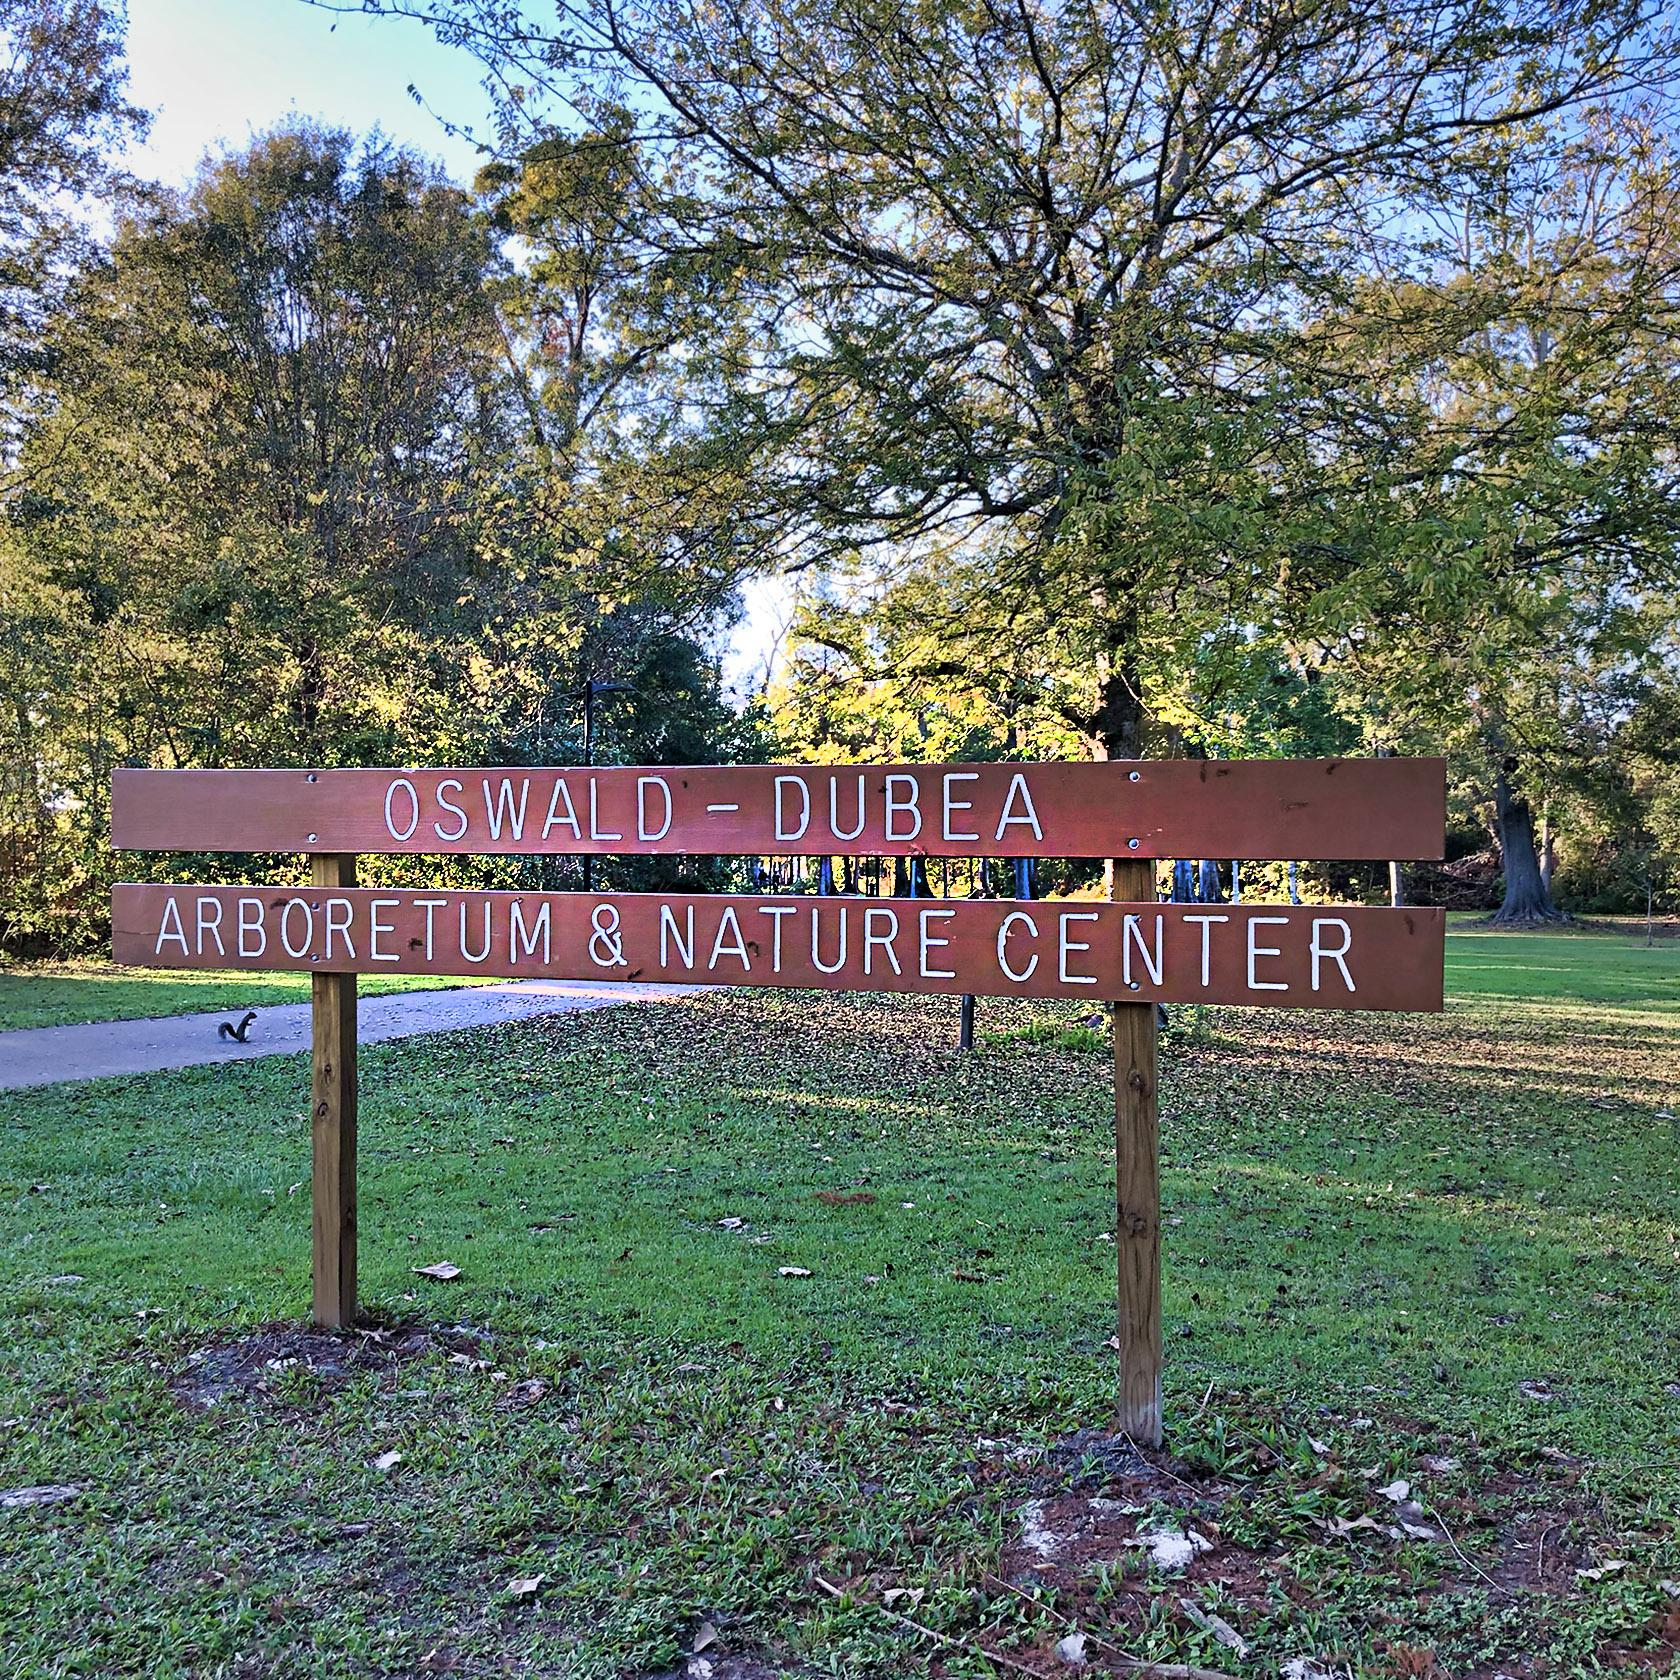 oswald dubea nature center, la salle park metairie - nola places photo